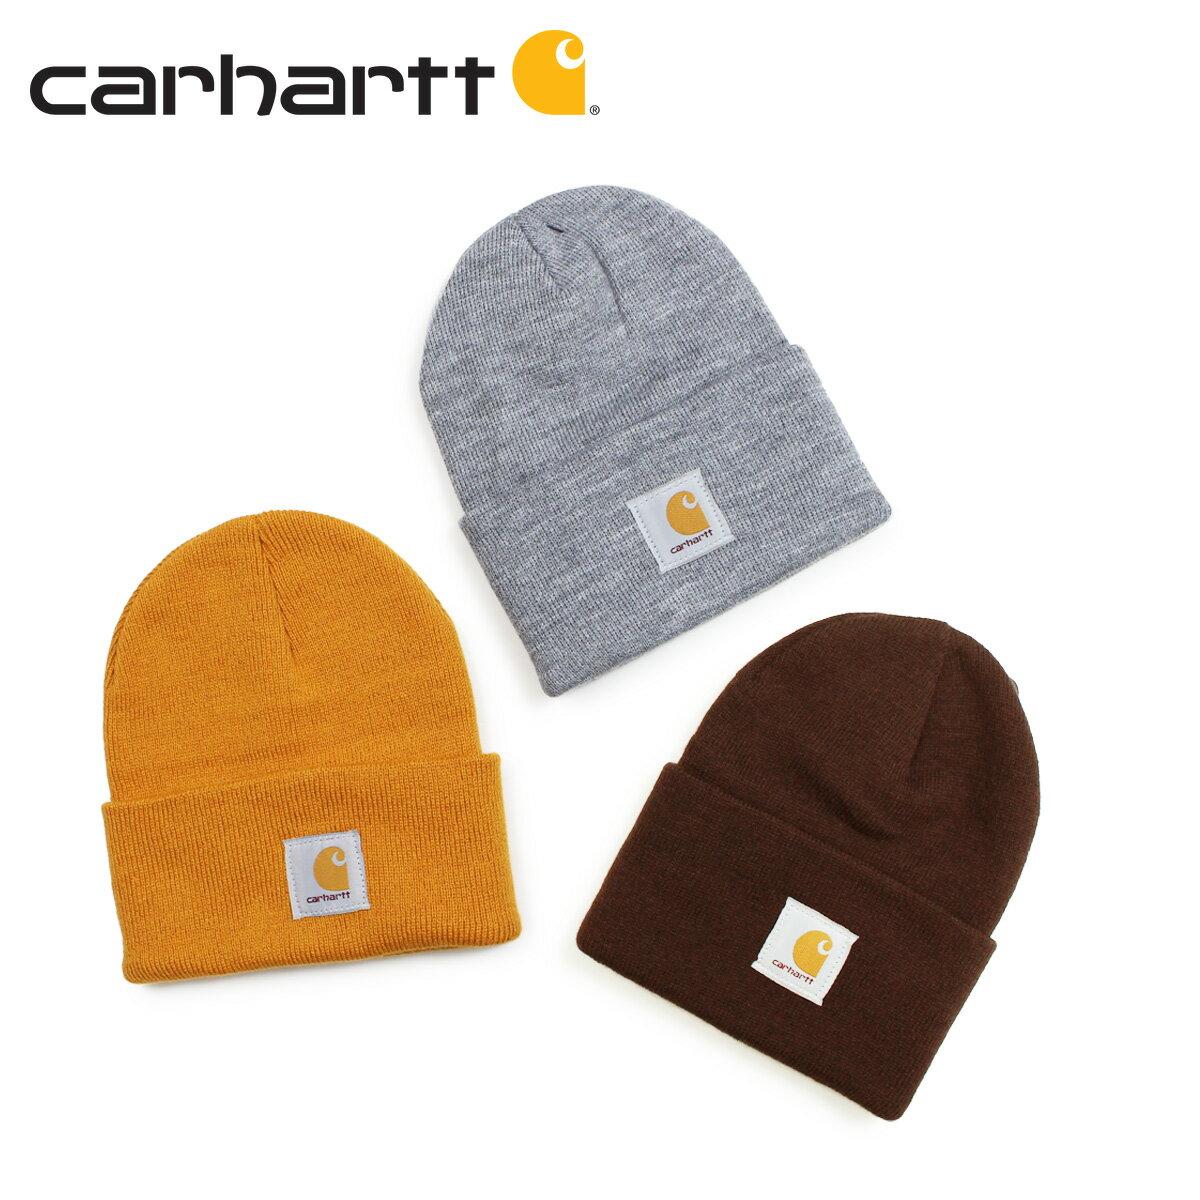 carhartt ACRYLIC WATCH HAT カーハート ニット帽 ニットキャップ ビーニー メンズ レディース グレー ダークブラウン ゴールド A18 [1/9 新入荷]